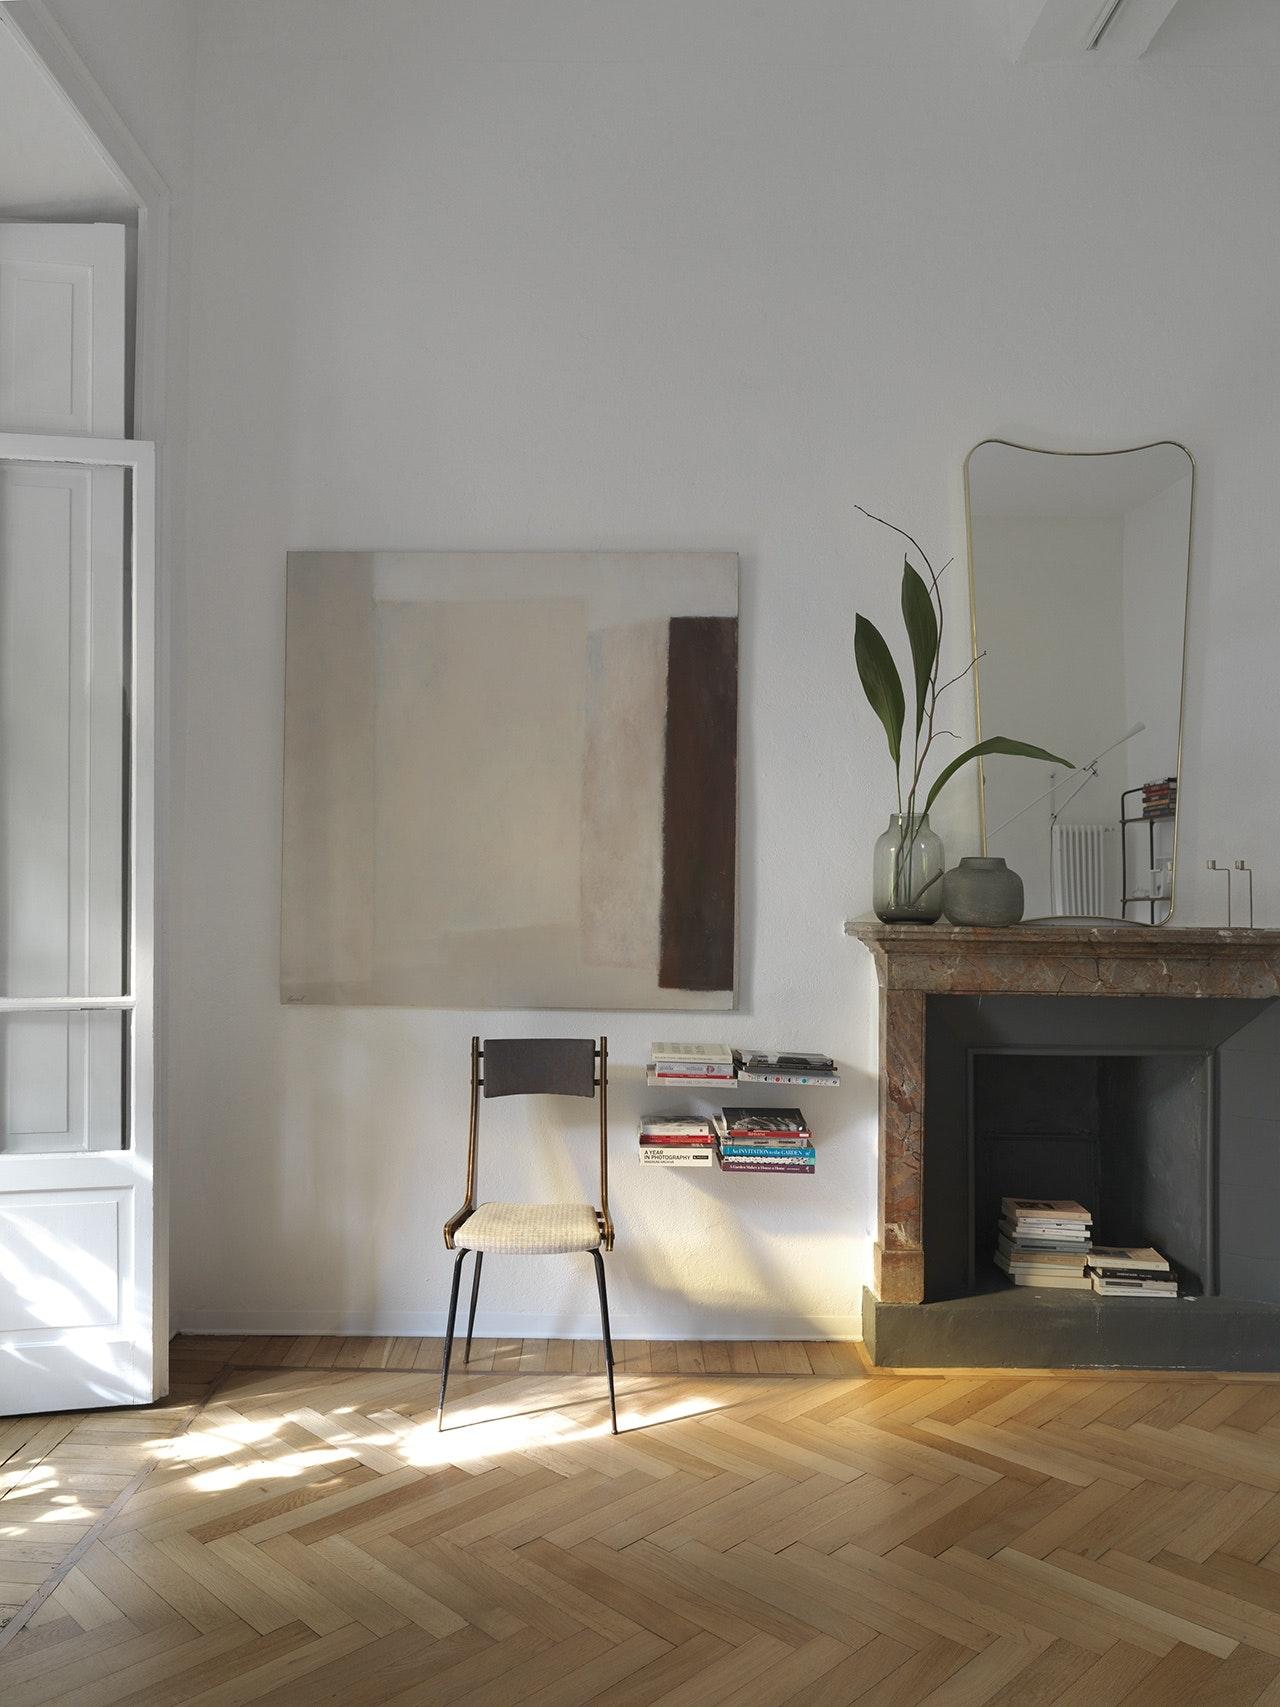 bolig indretning dansk design stol stue pejs